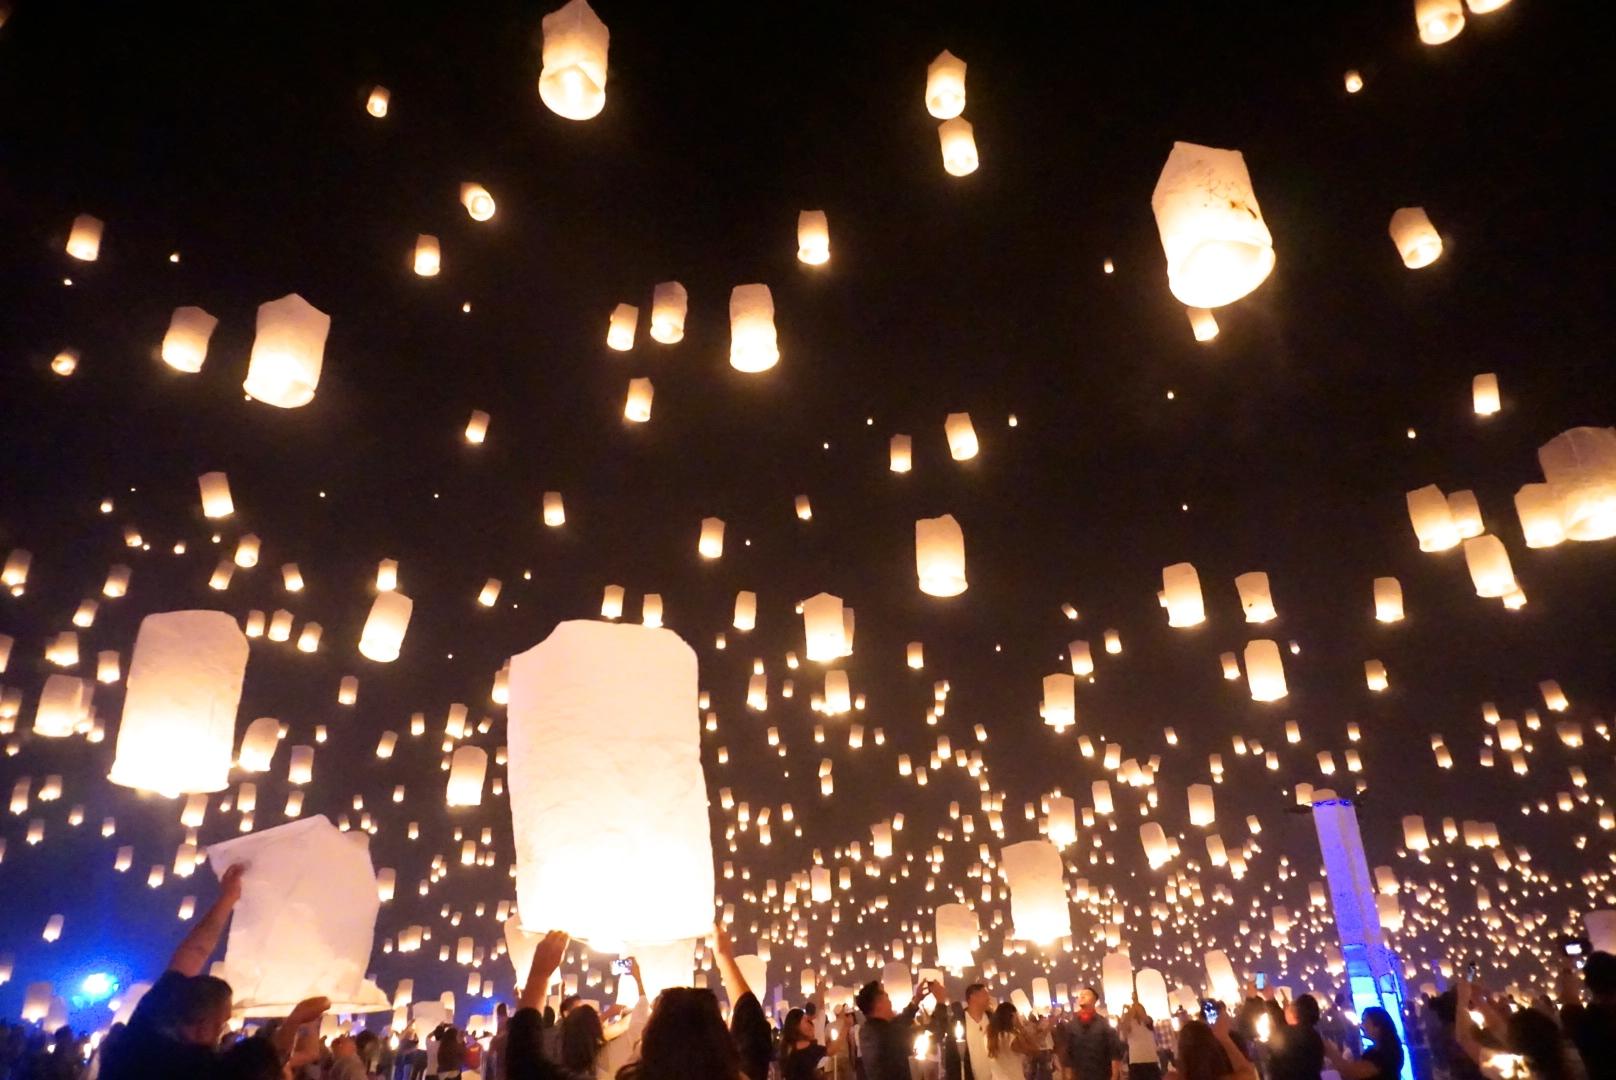 RISE LANTERN FESTIVAL for Lantern Festival Hd  59nar